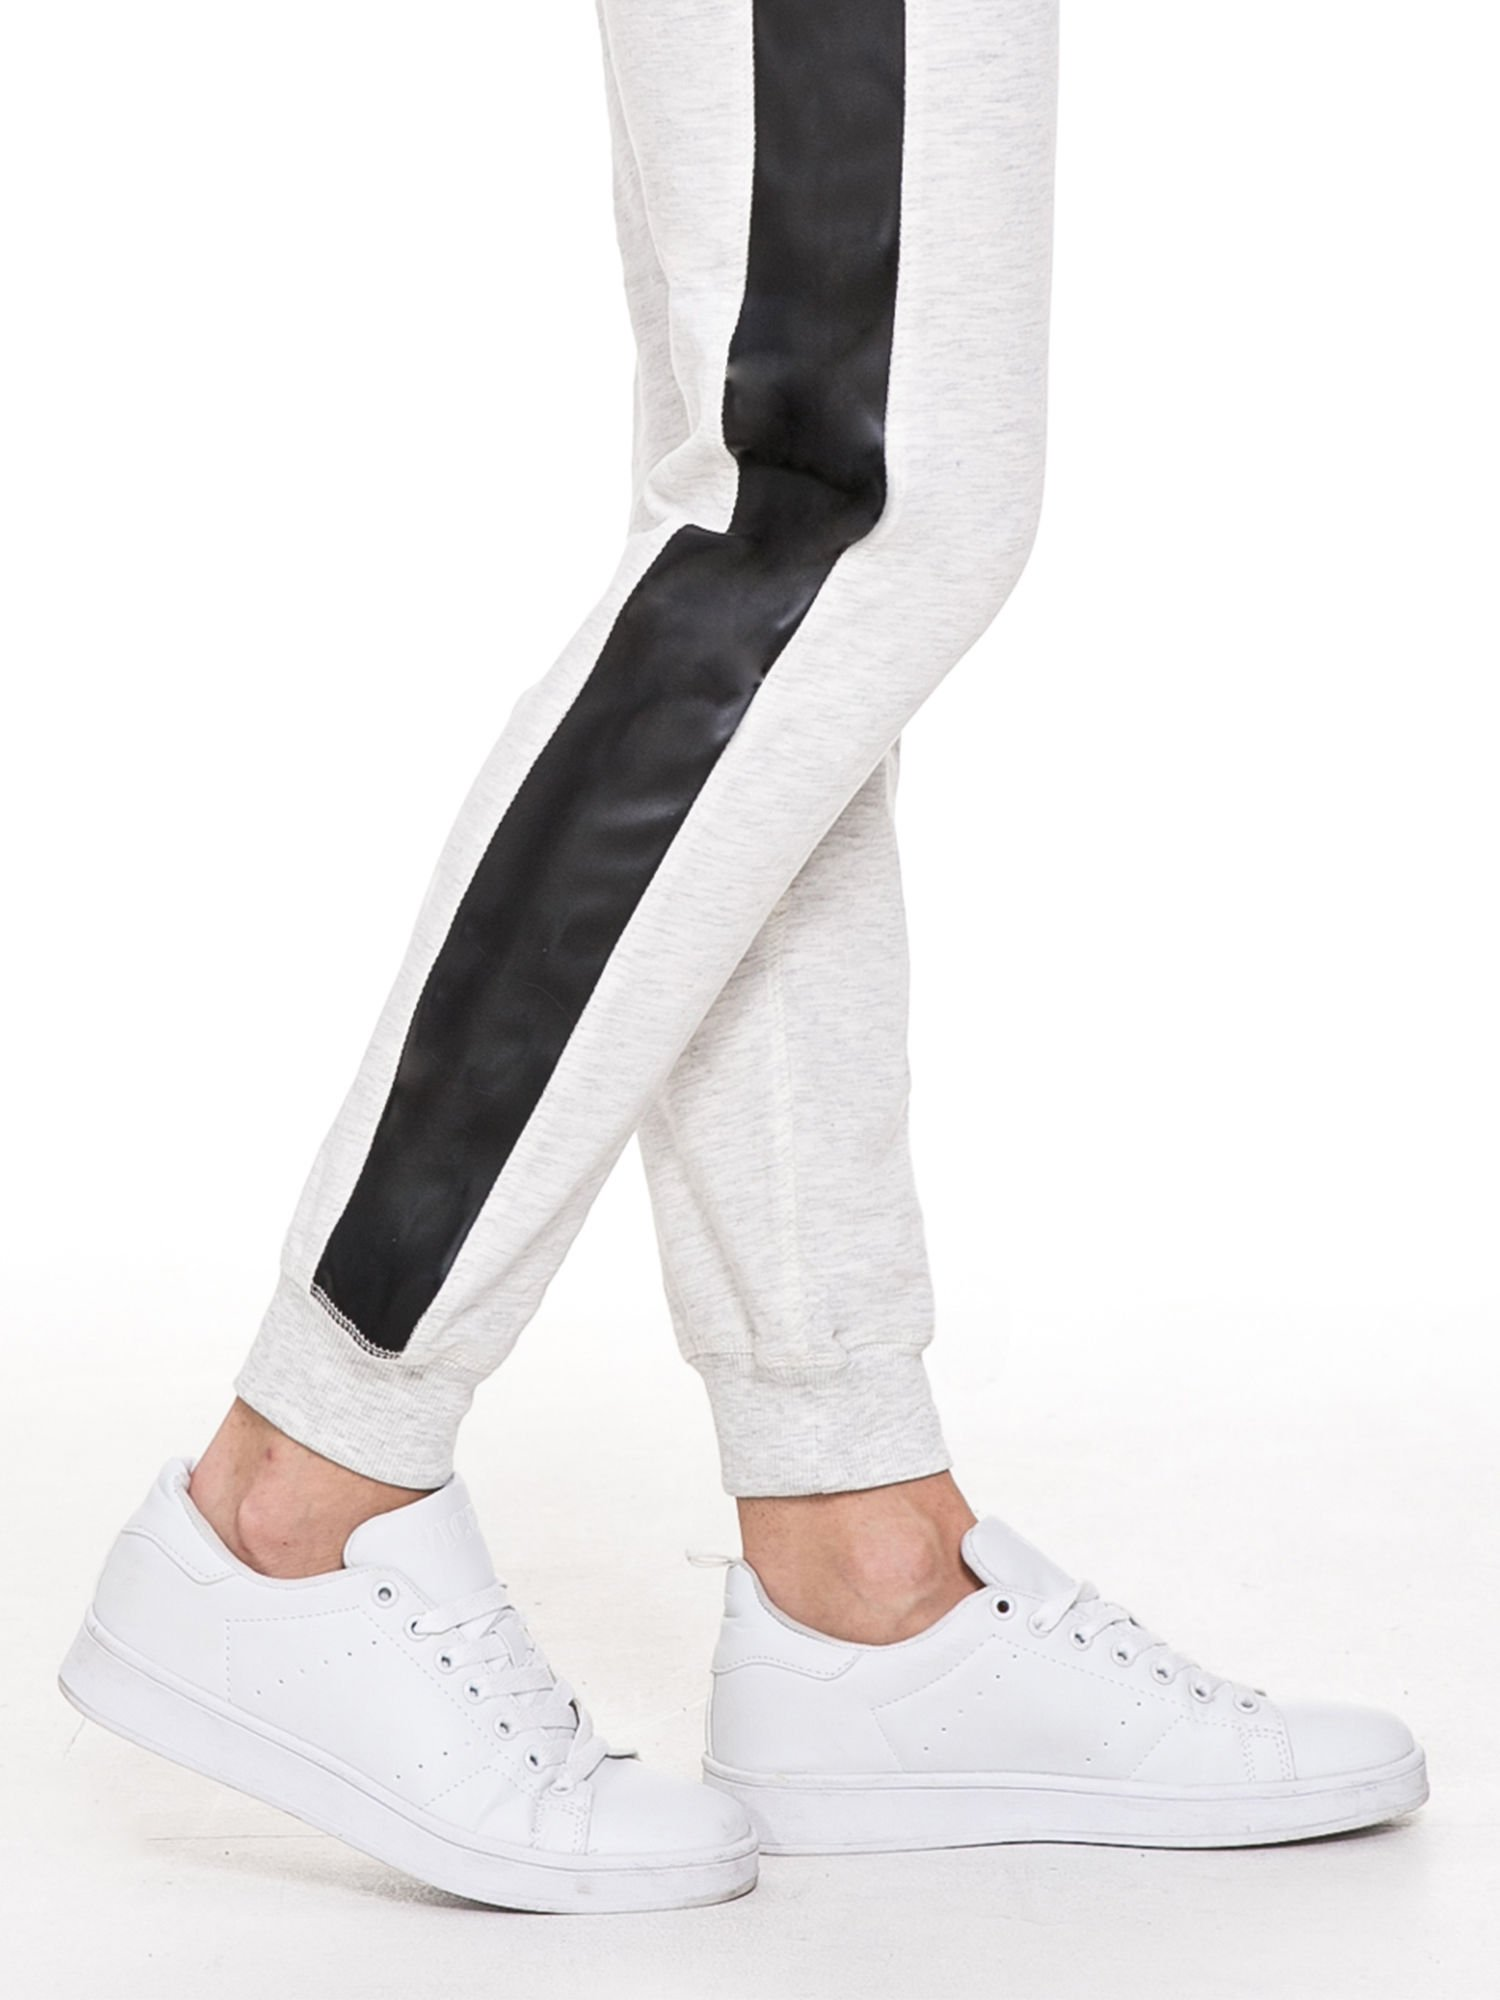 Jasnoszare spodnie dresowe damskie ze skórzanymi lampasami                                  zdj.                                  5